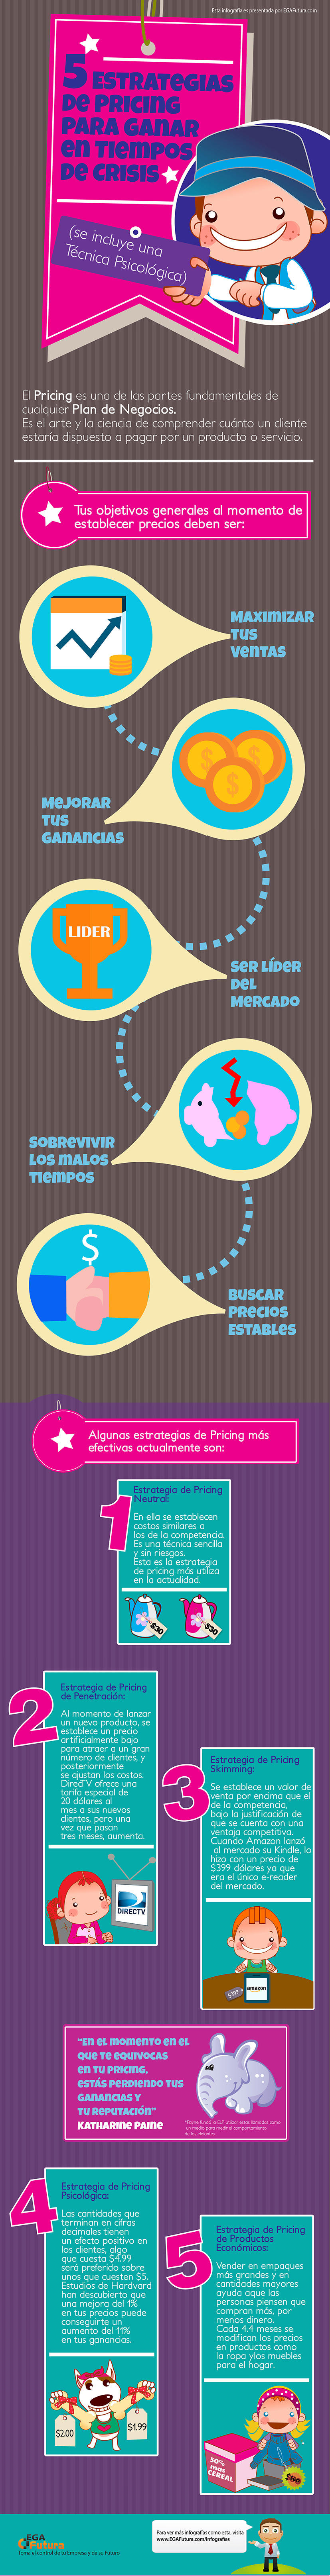 Infografía: 5 Estrategias de Pricing para Ganar en Tiempos de Crisis (se incluye una Técnica Psicológica)